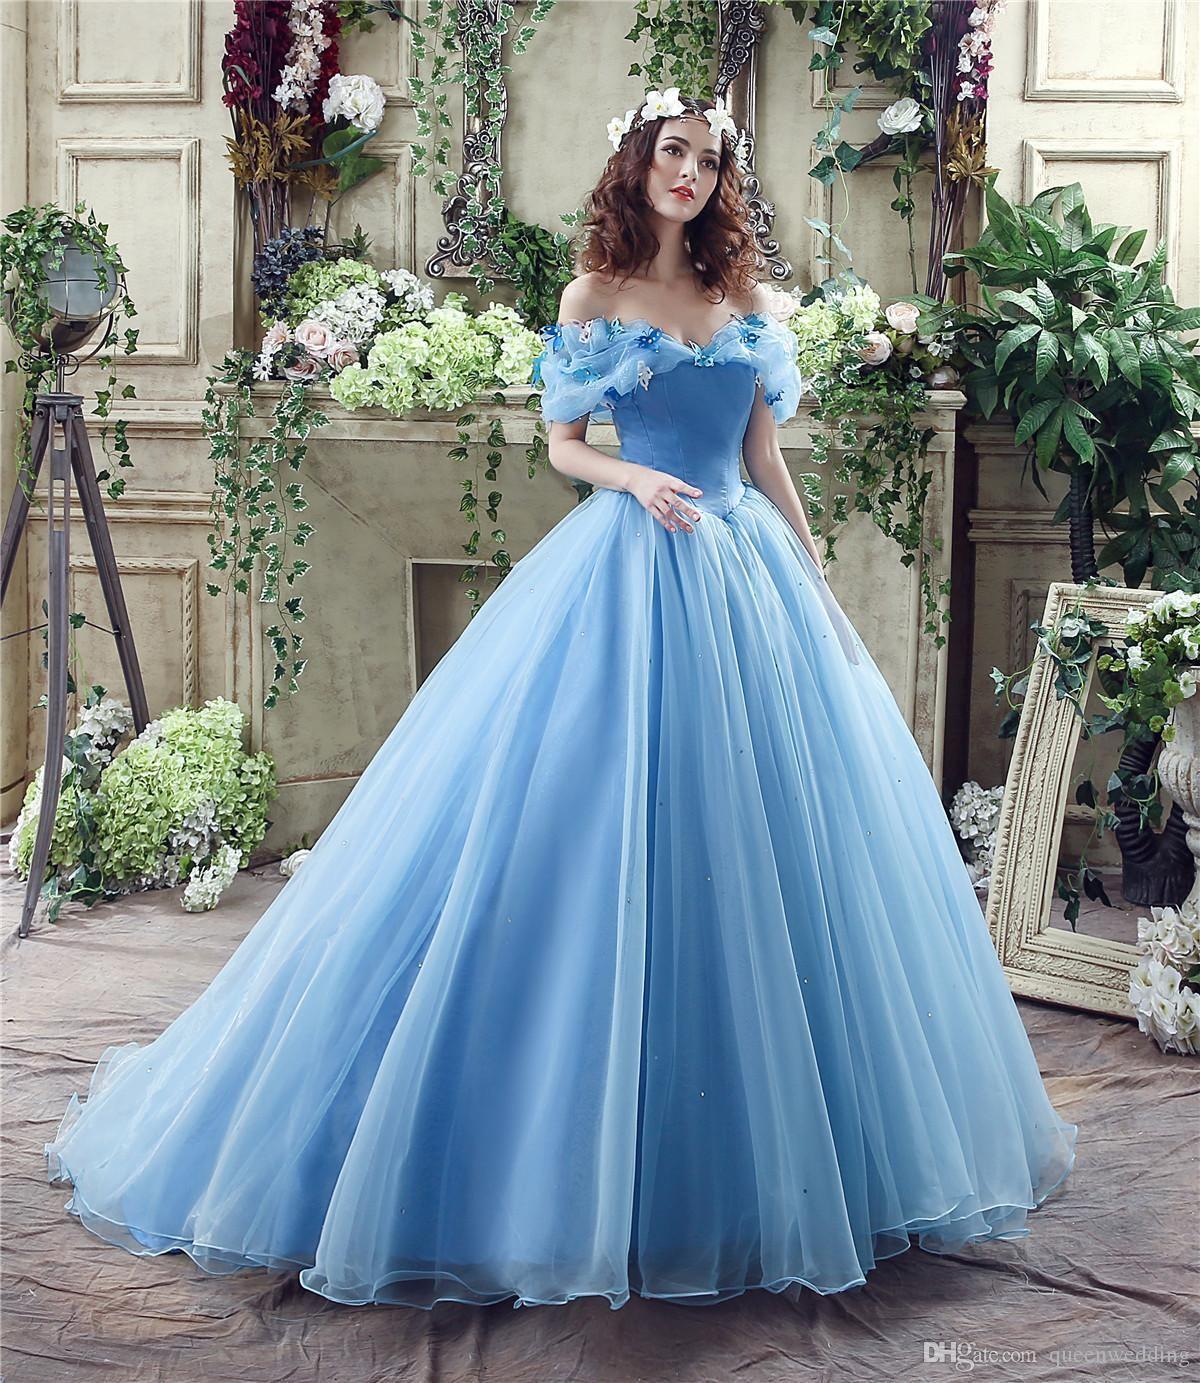 13 robes incroyables qui paraissent tout droit sorties d\'un conte de ...